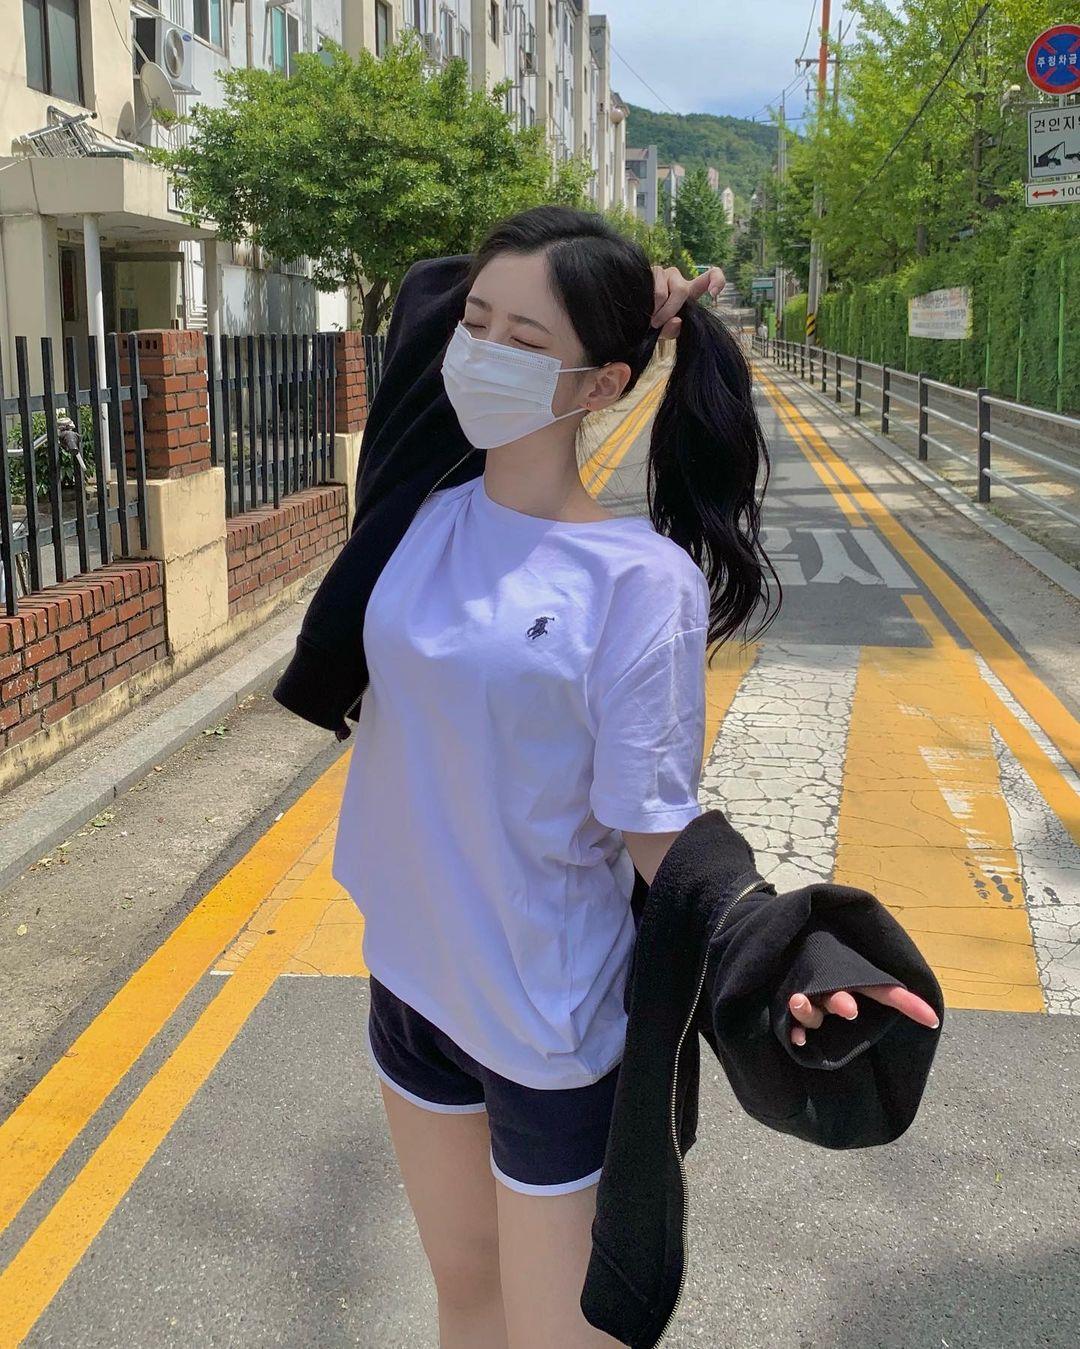 完美气质的口罩小甜是位韩国的网红美女 福利吧 热图3